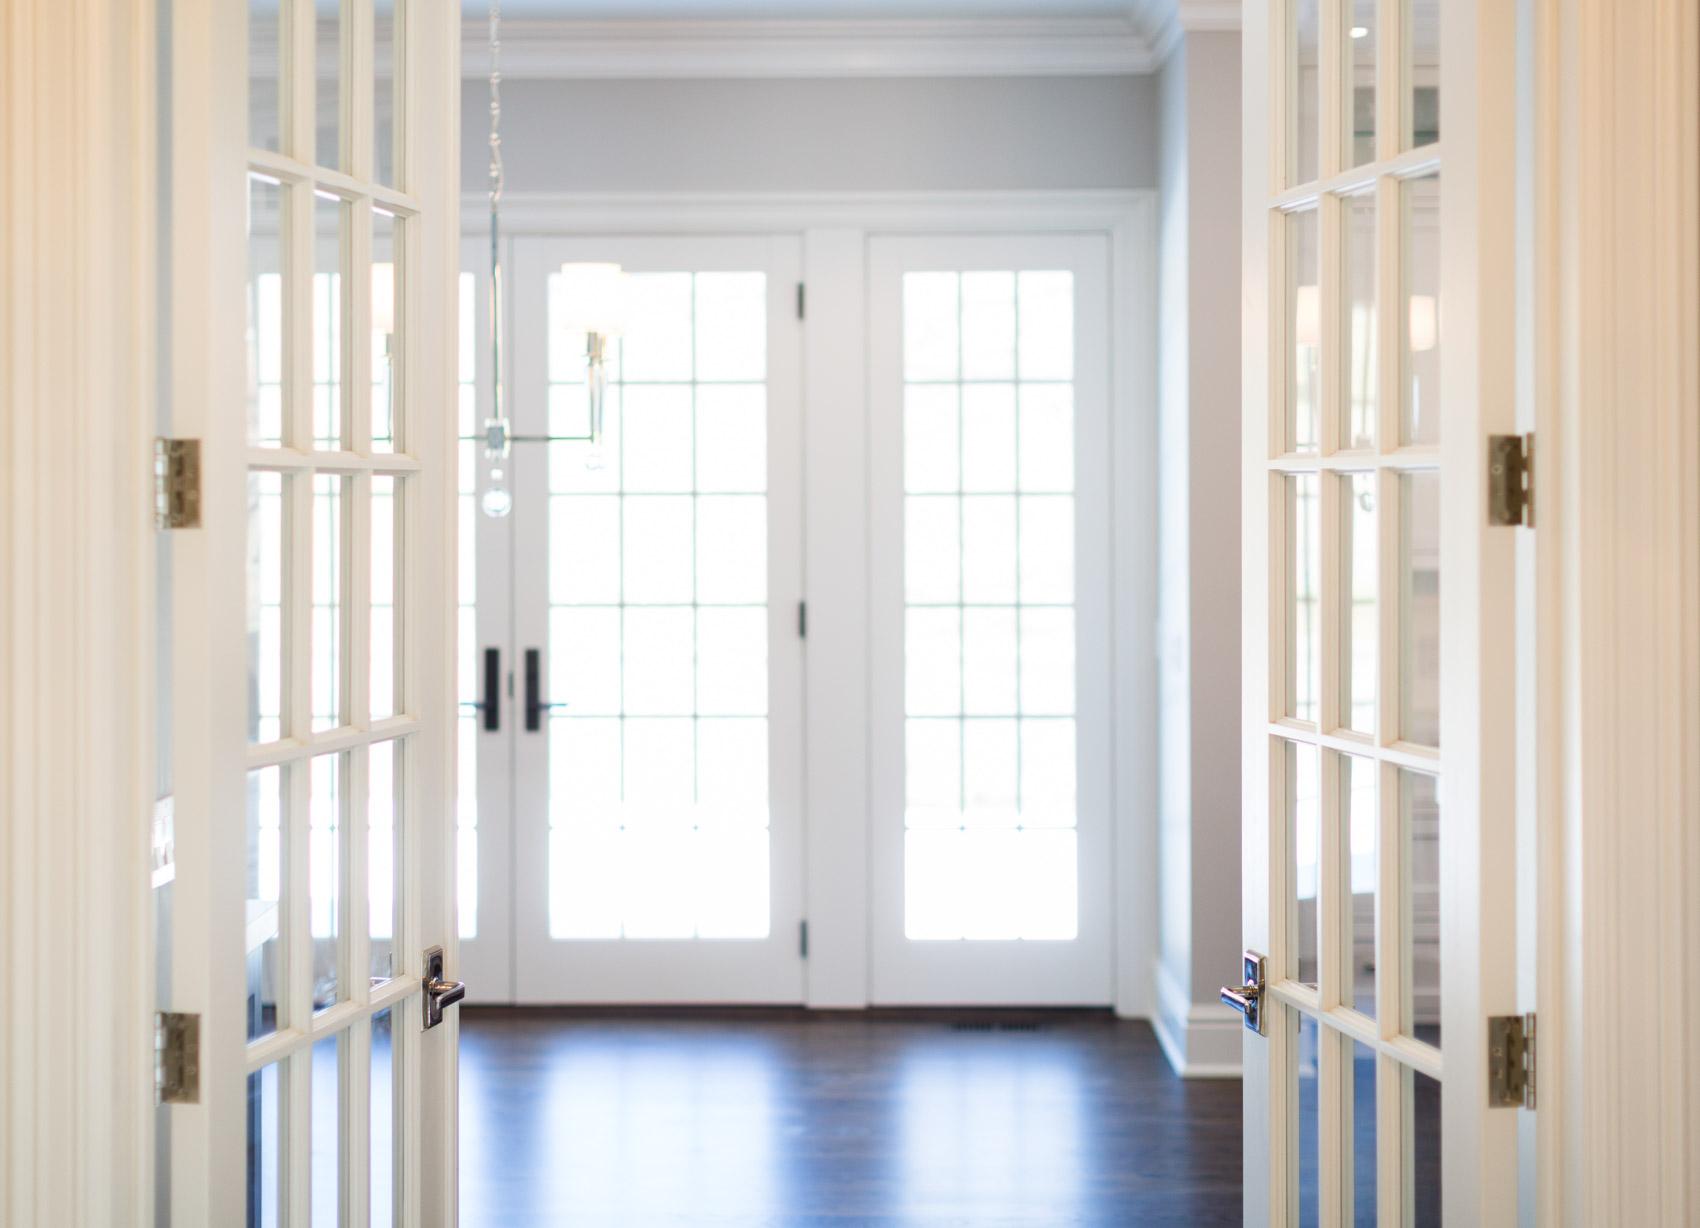 interior-009.jpg